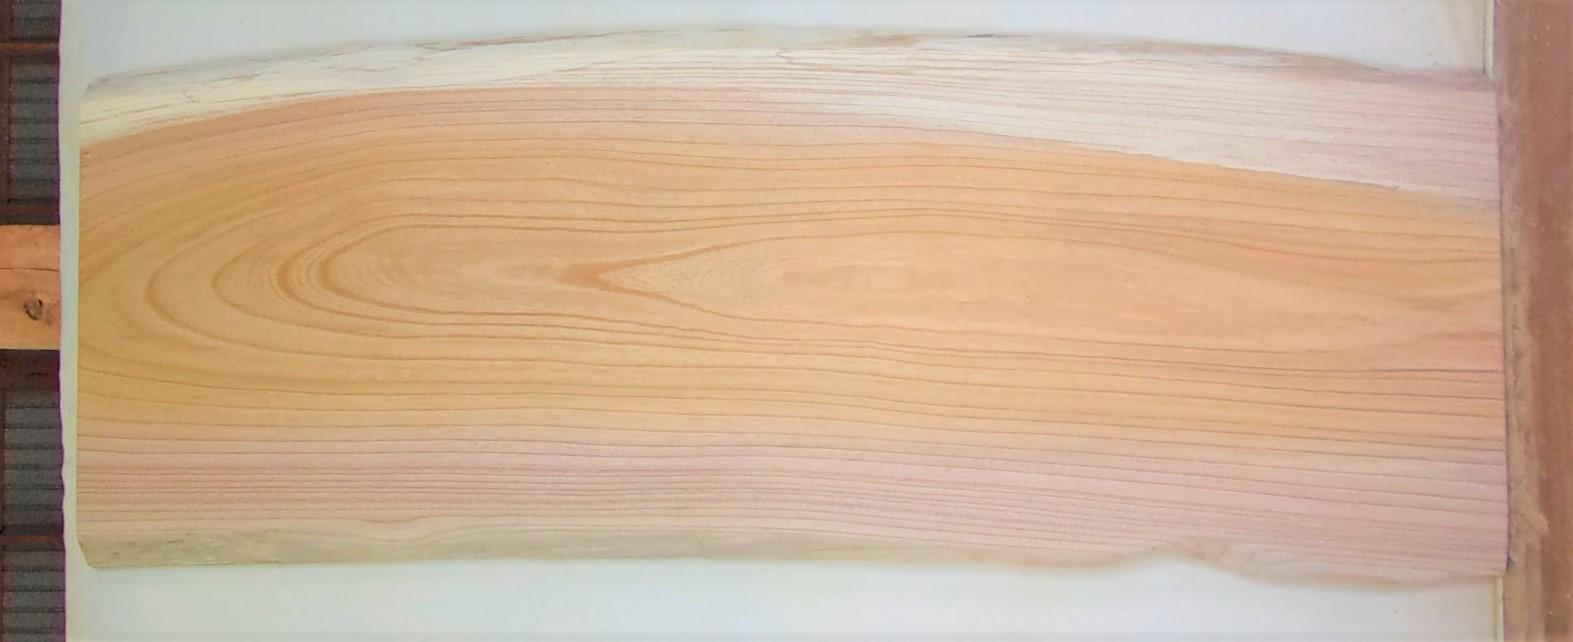 【送料・手数料無料!】 山成林業 大型無垢一枚板 KB-643 ケヤキ 大型看板に最適